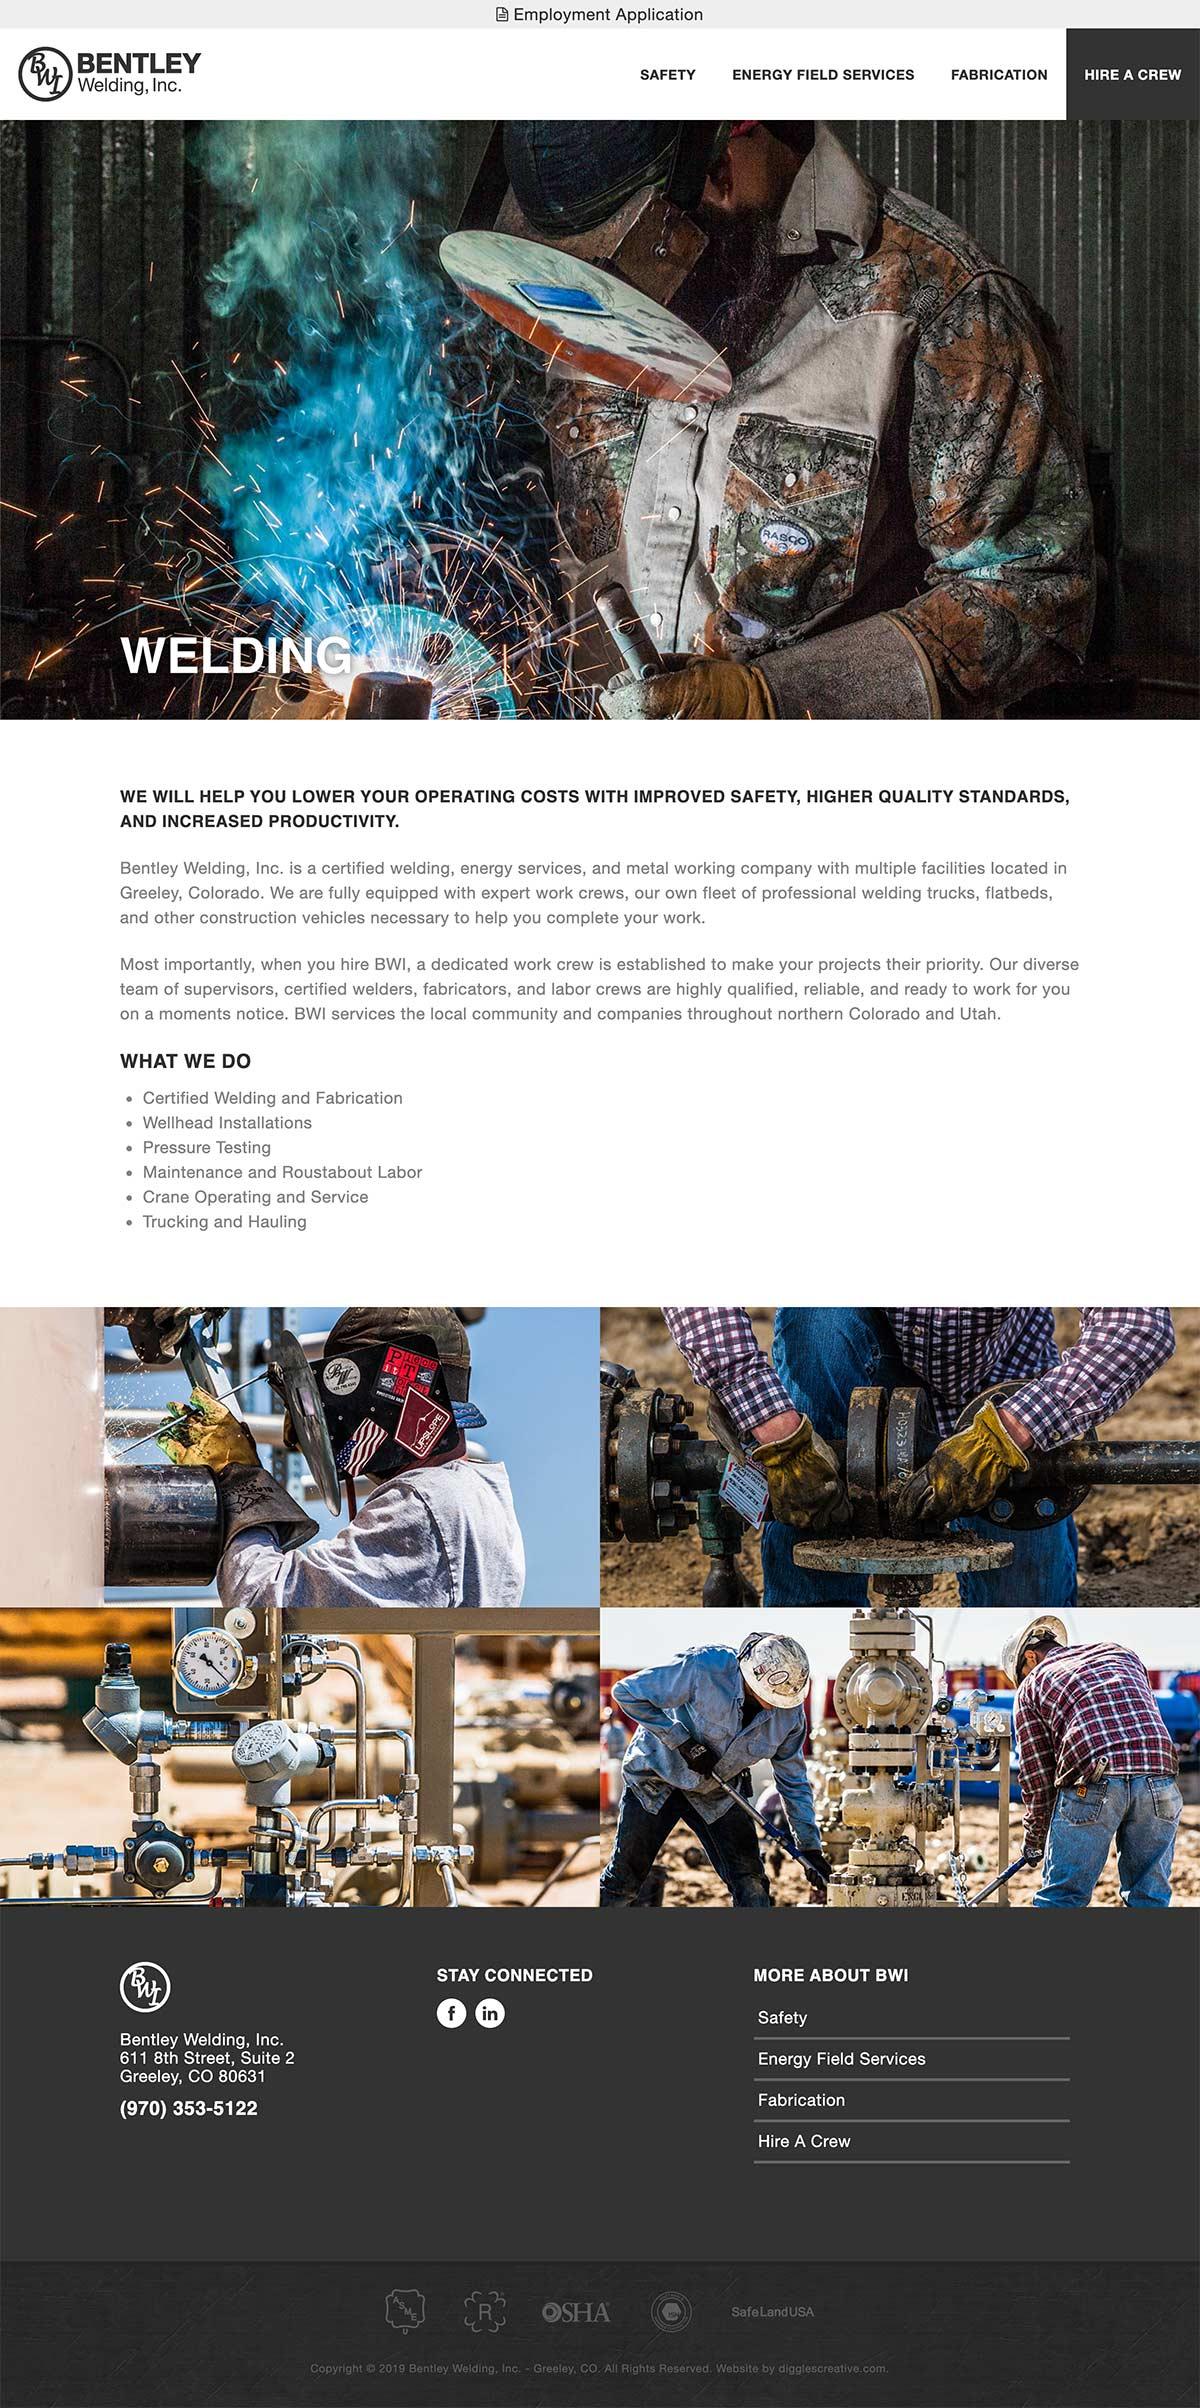 Bentley Welding Inc. - Industrial Website Design